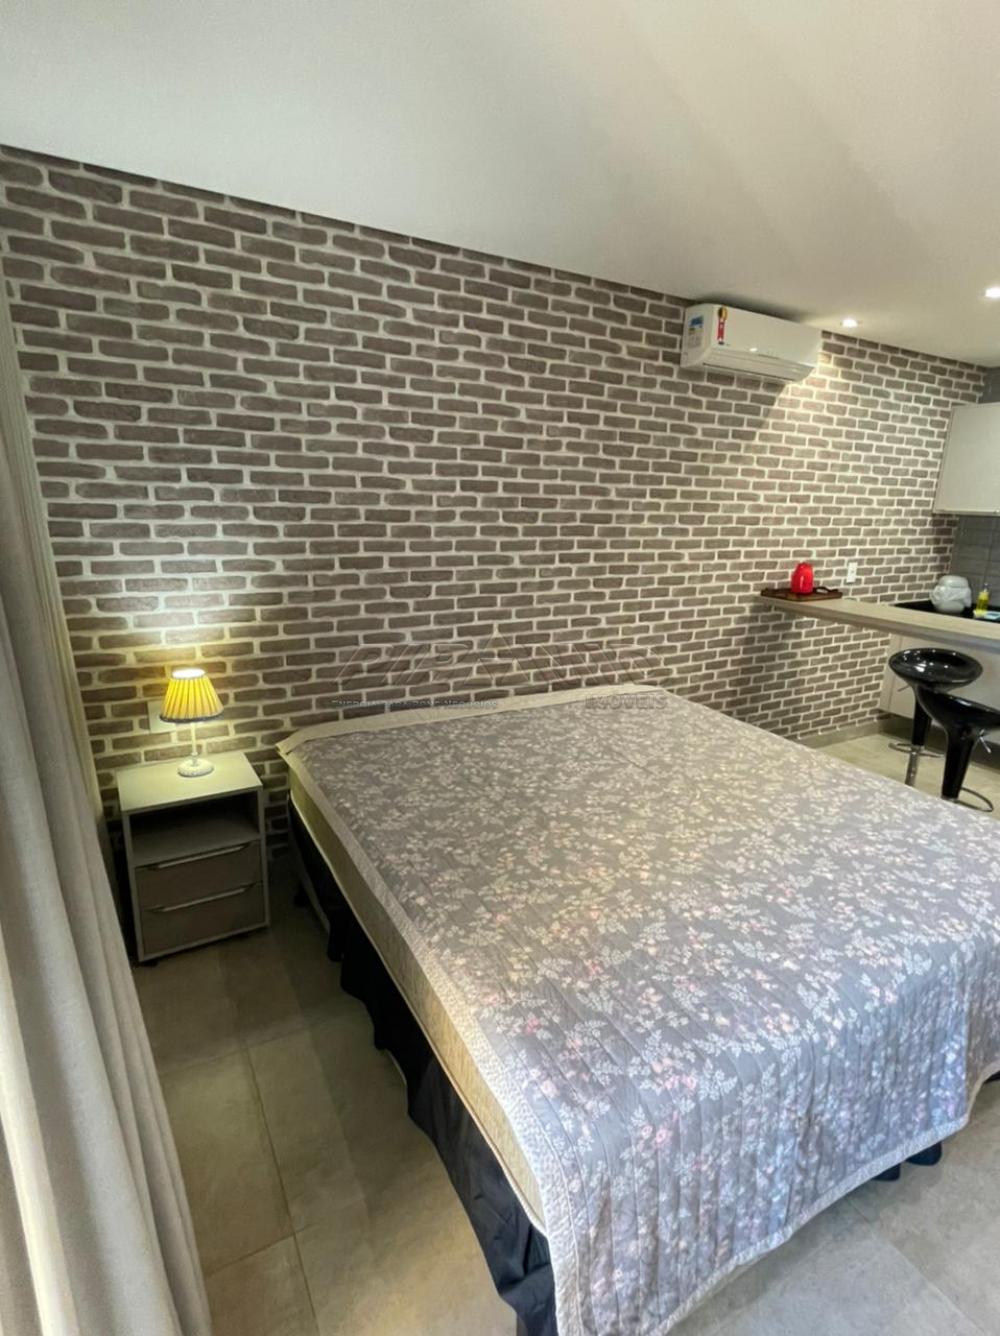 Alugar Apartamento / Flat em Ribeirão Preto R$ 1.750,00 - Foto 3